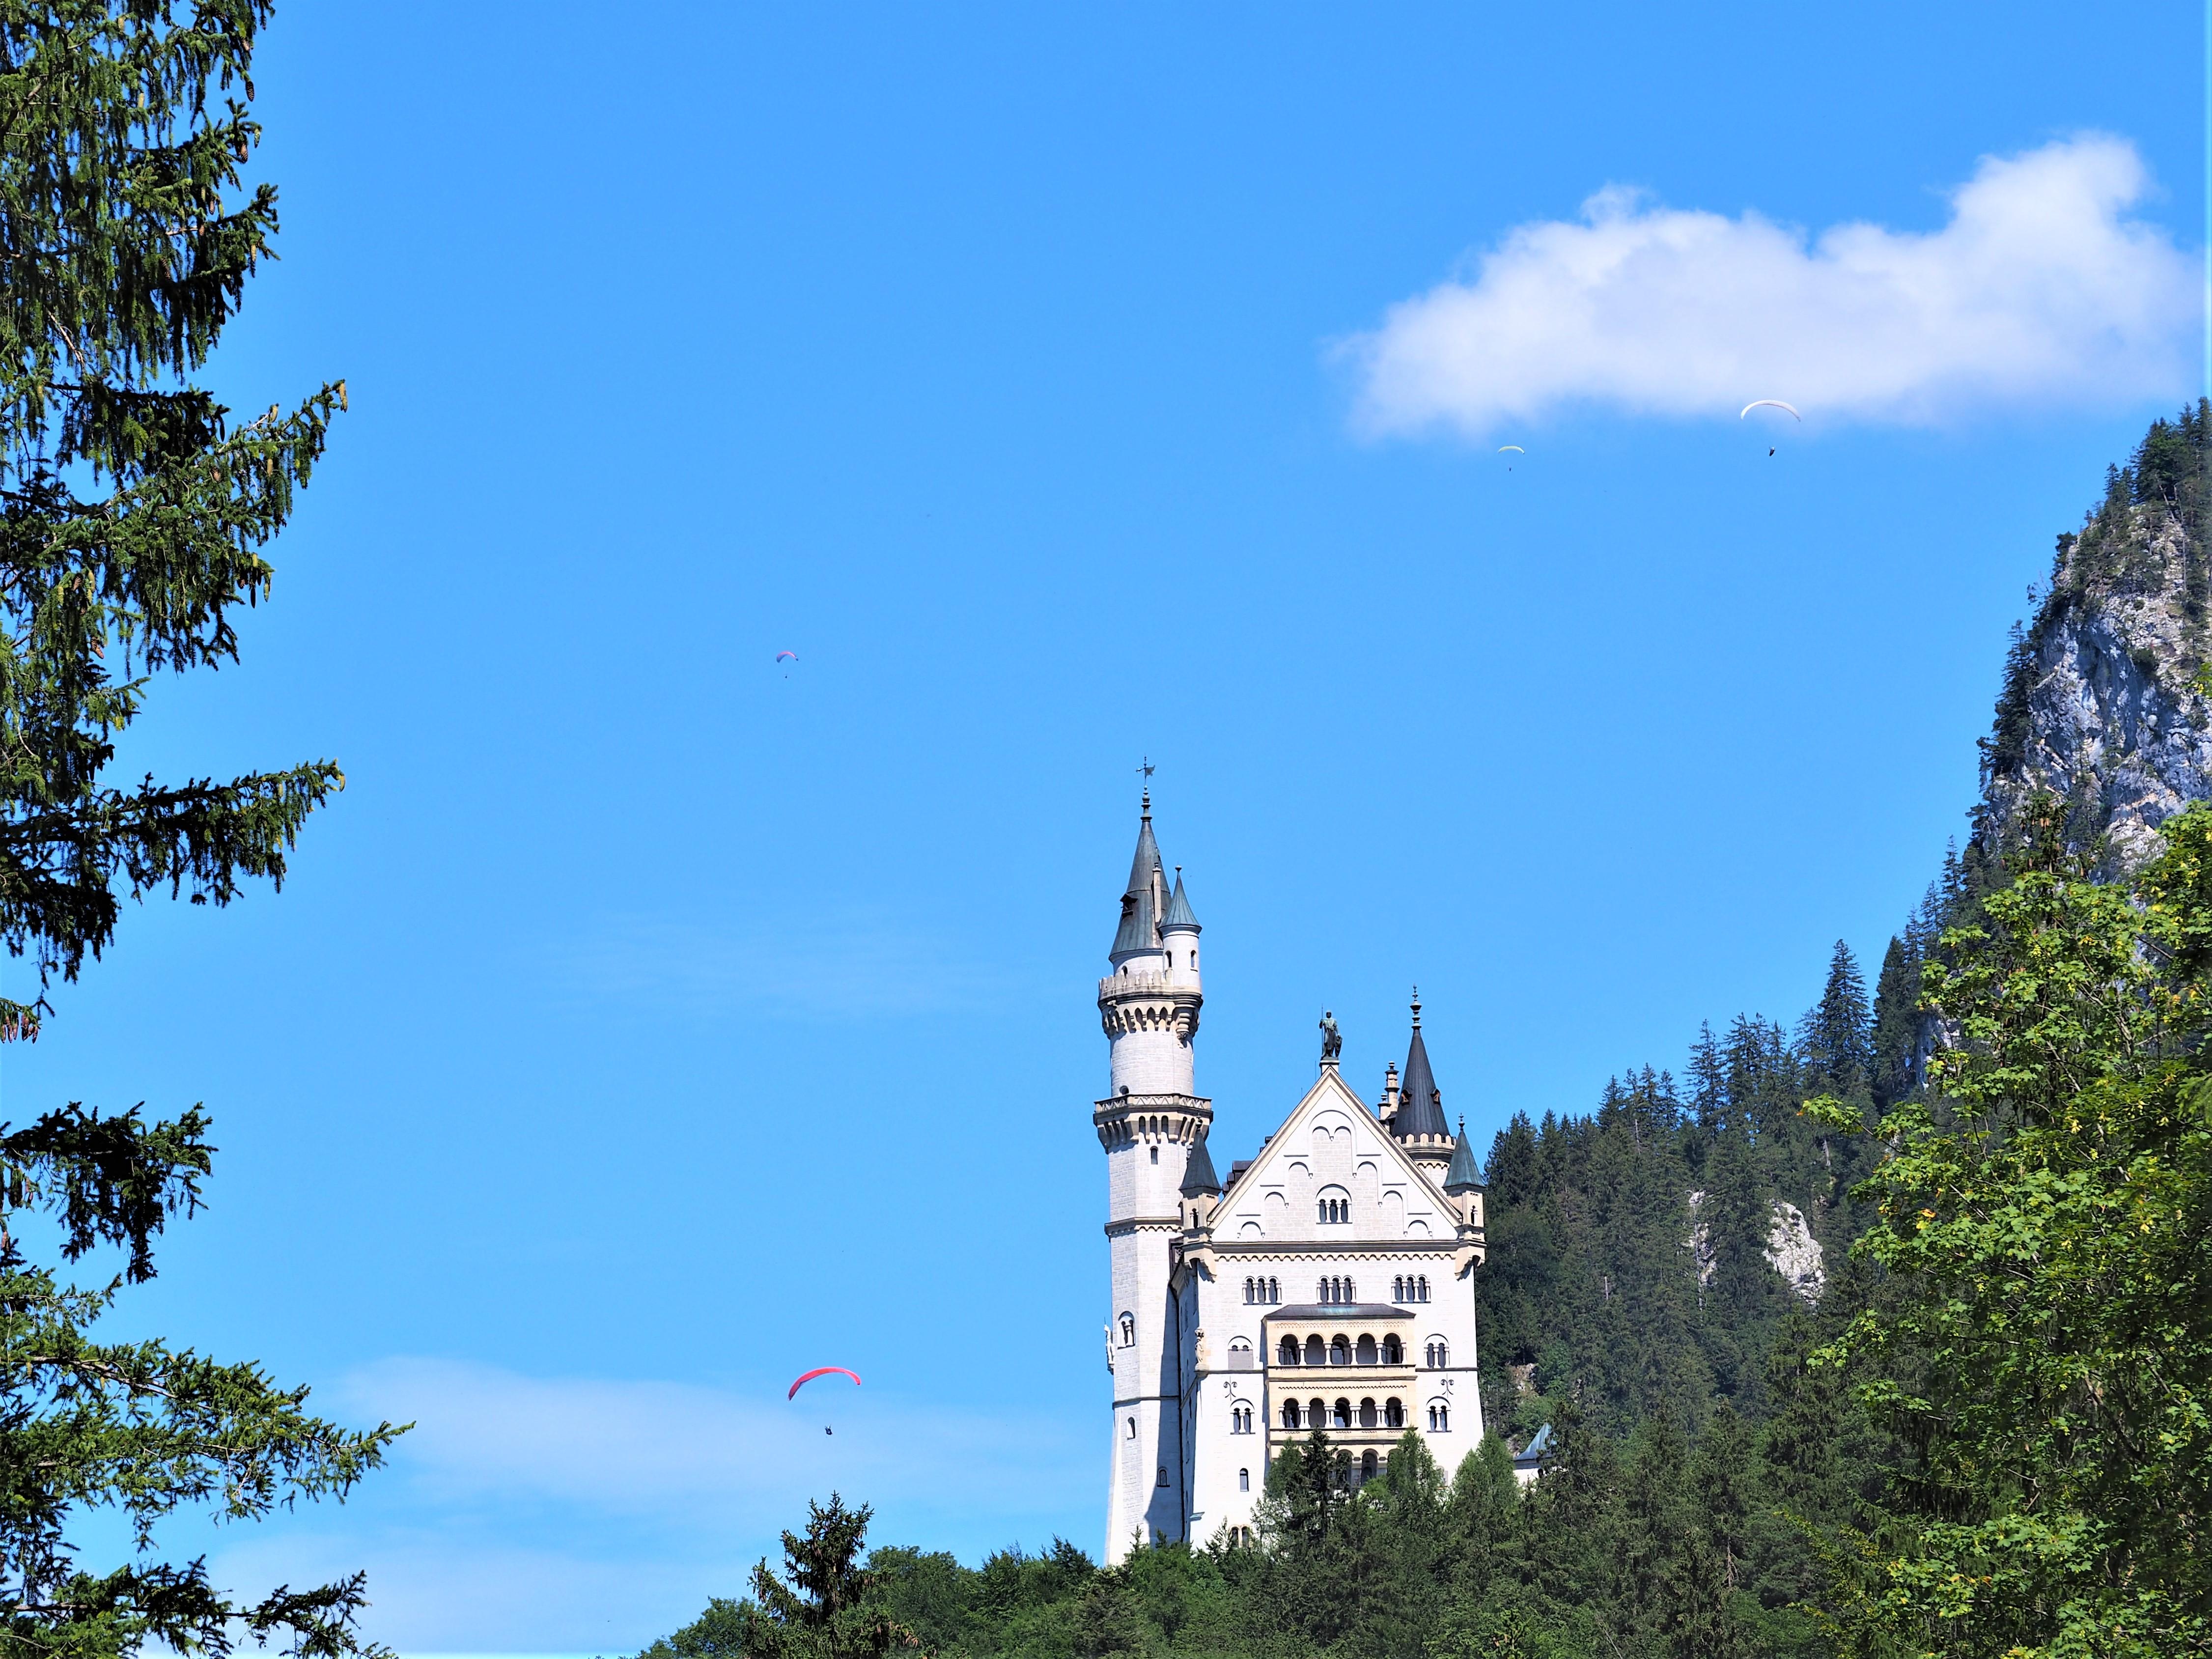 -chateau-de-Neuschwanstein-Allemagne-Baviere-blog-voyage-clioandco